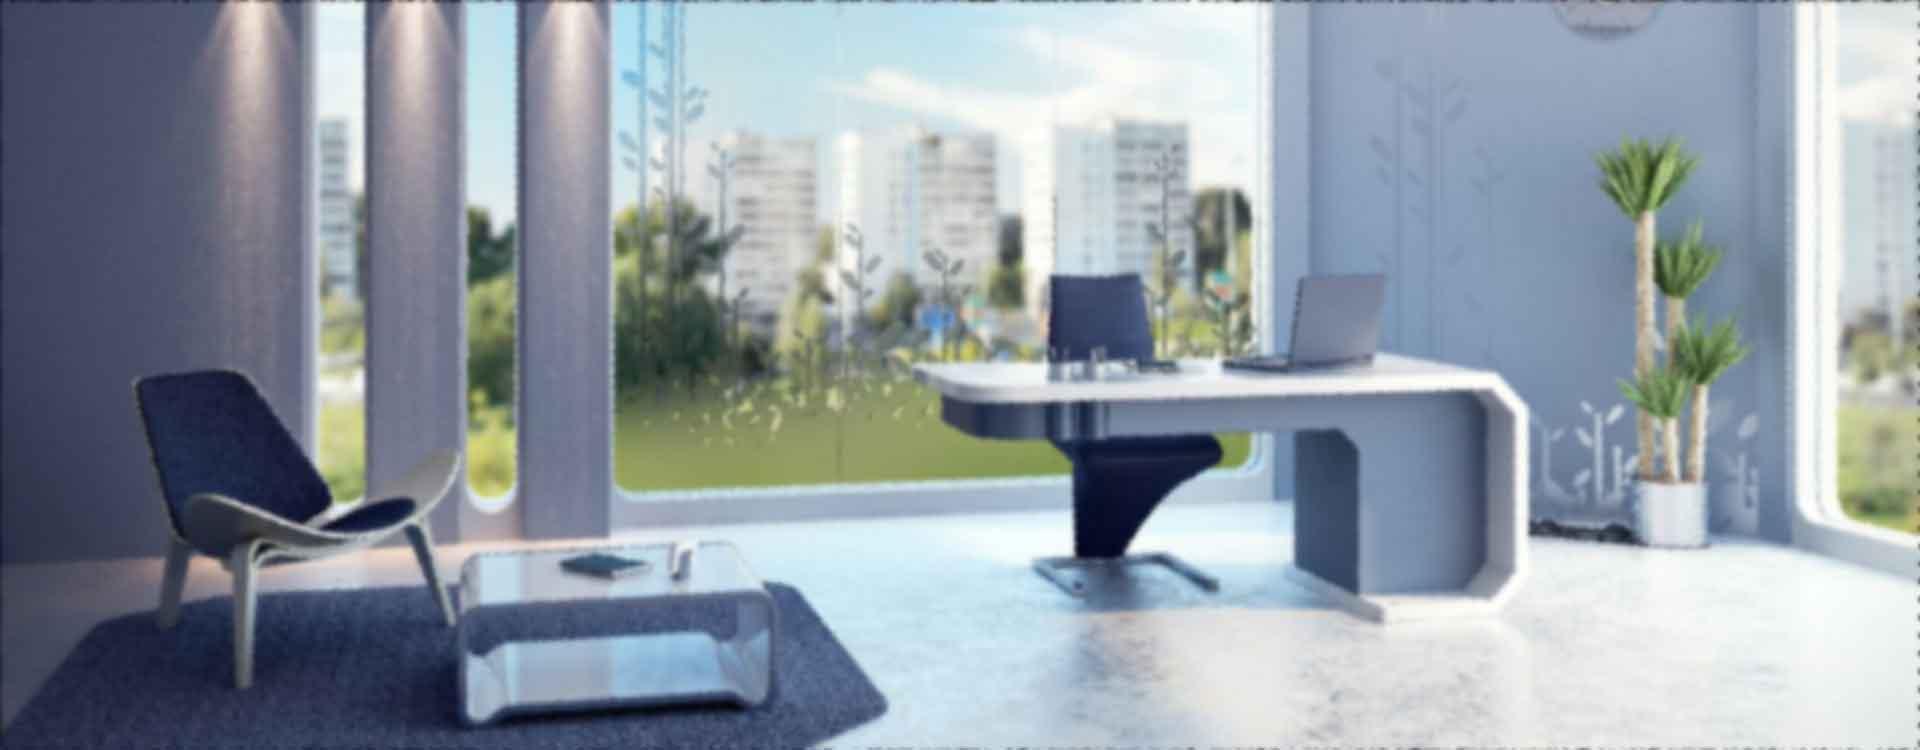 Apex Interior Design